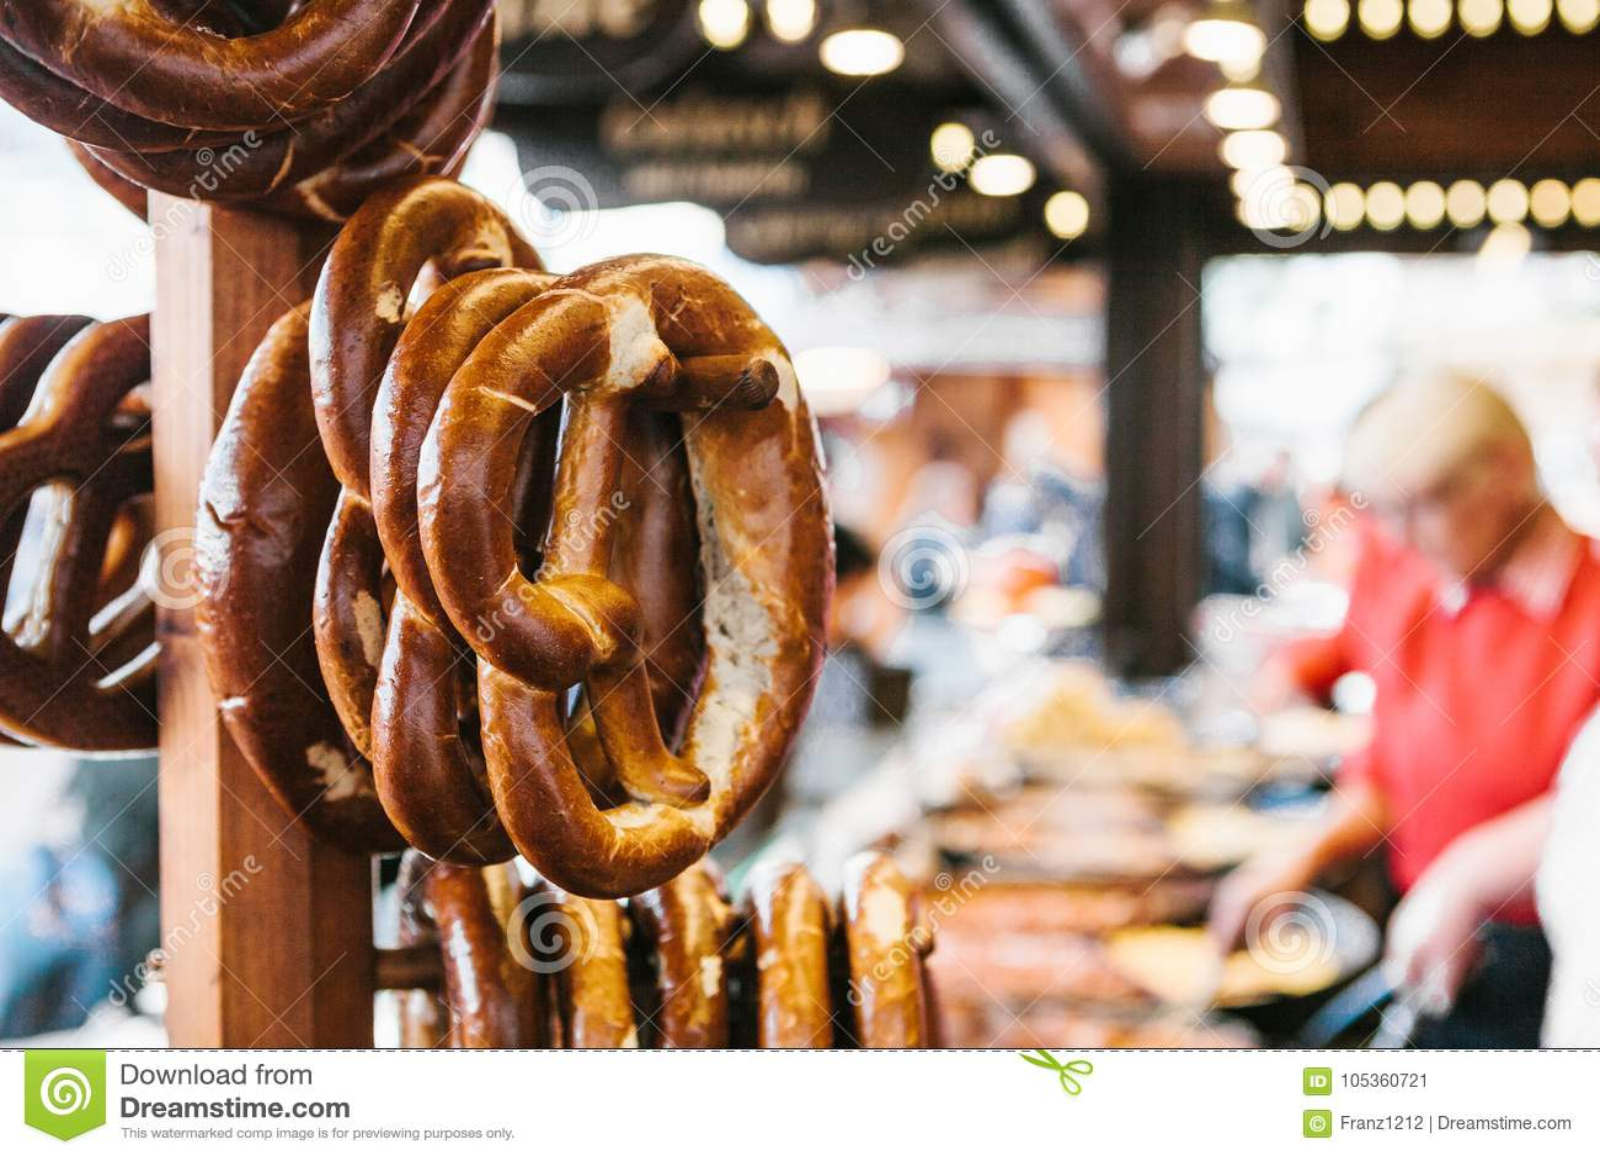 Los pretzeles tradicionales llamaron la caída de Brezel en el soporte contra la perspectiva de un mercado callejero y de una gent